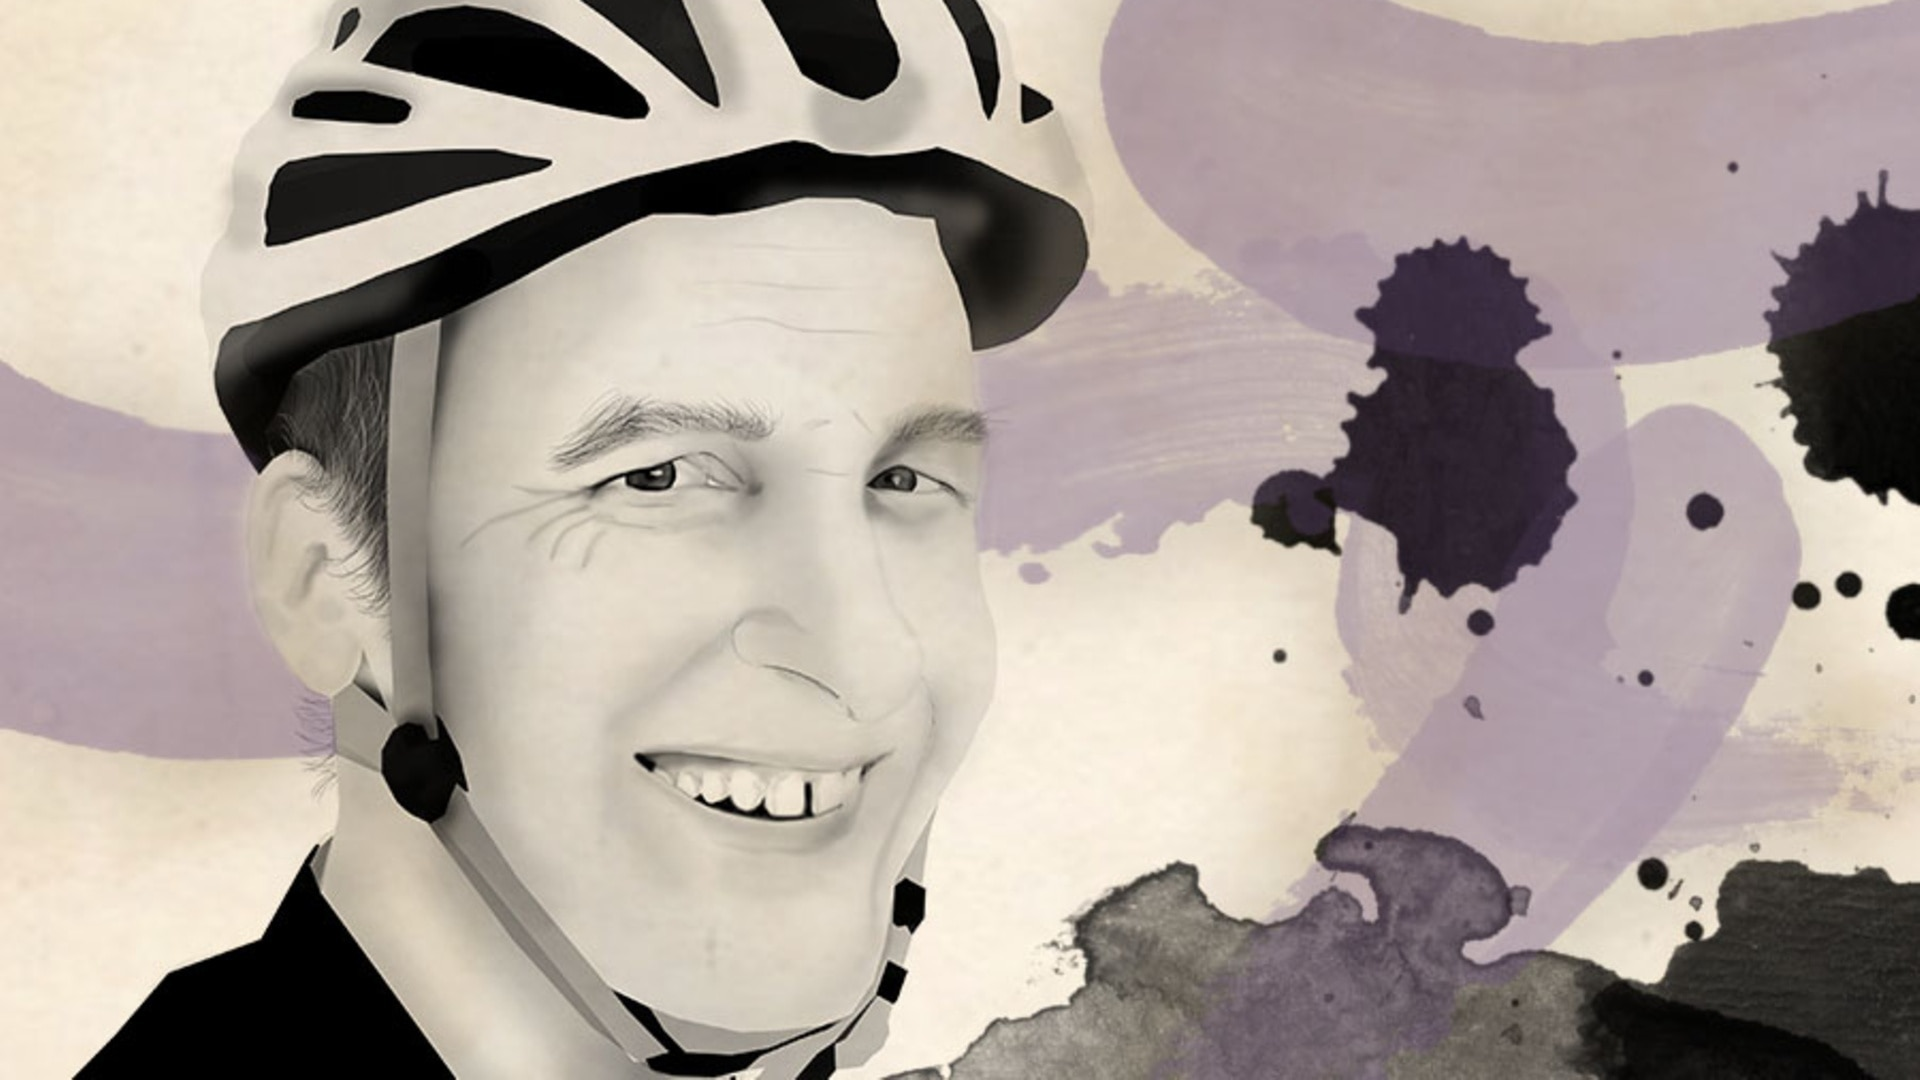 E-Bike ist wie der Everest mit Sauerstoff - SWI swissinfo.ch